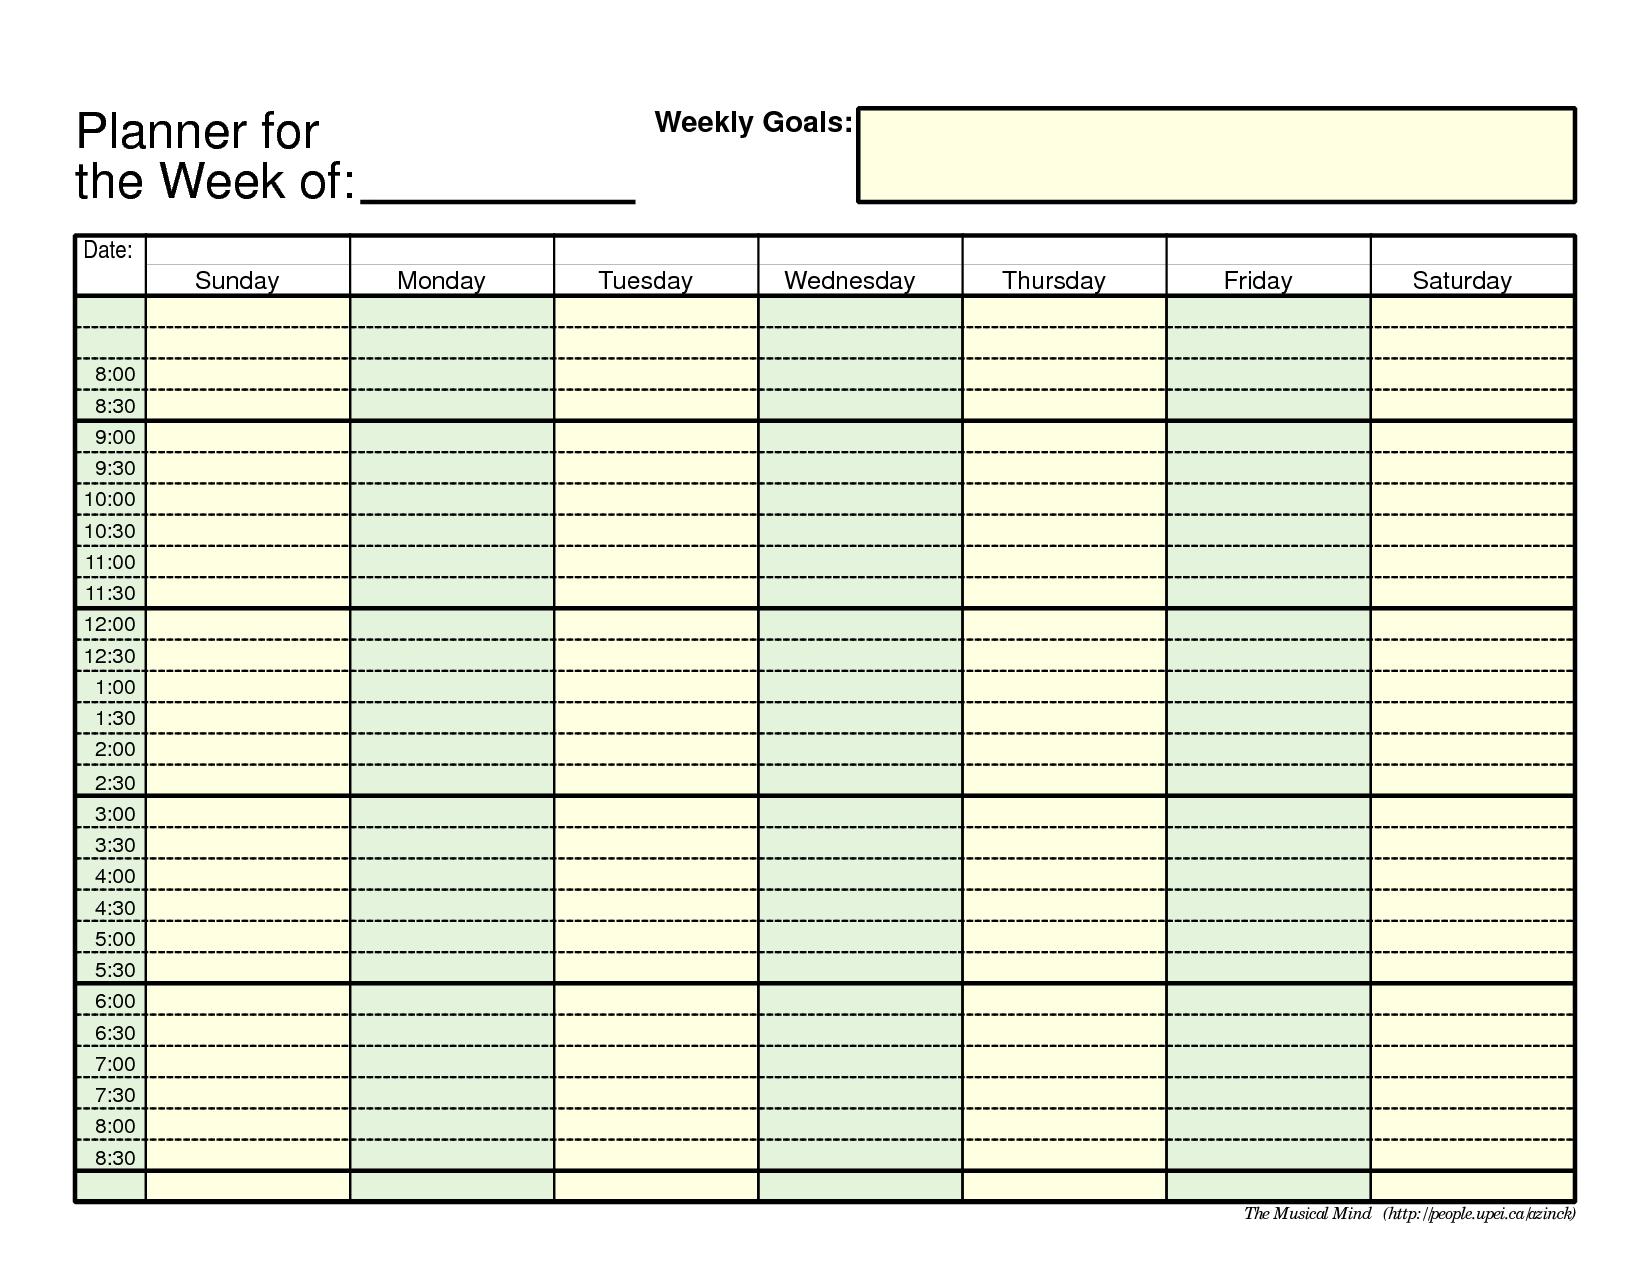 Free Printable Employee Schedule 1 Employee Pdf | Example 1 Week Calendar Template Pdf